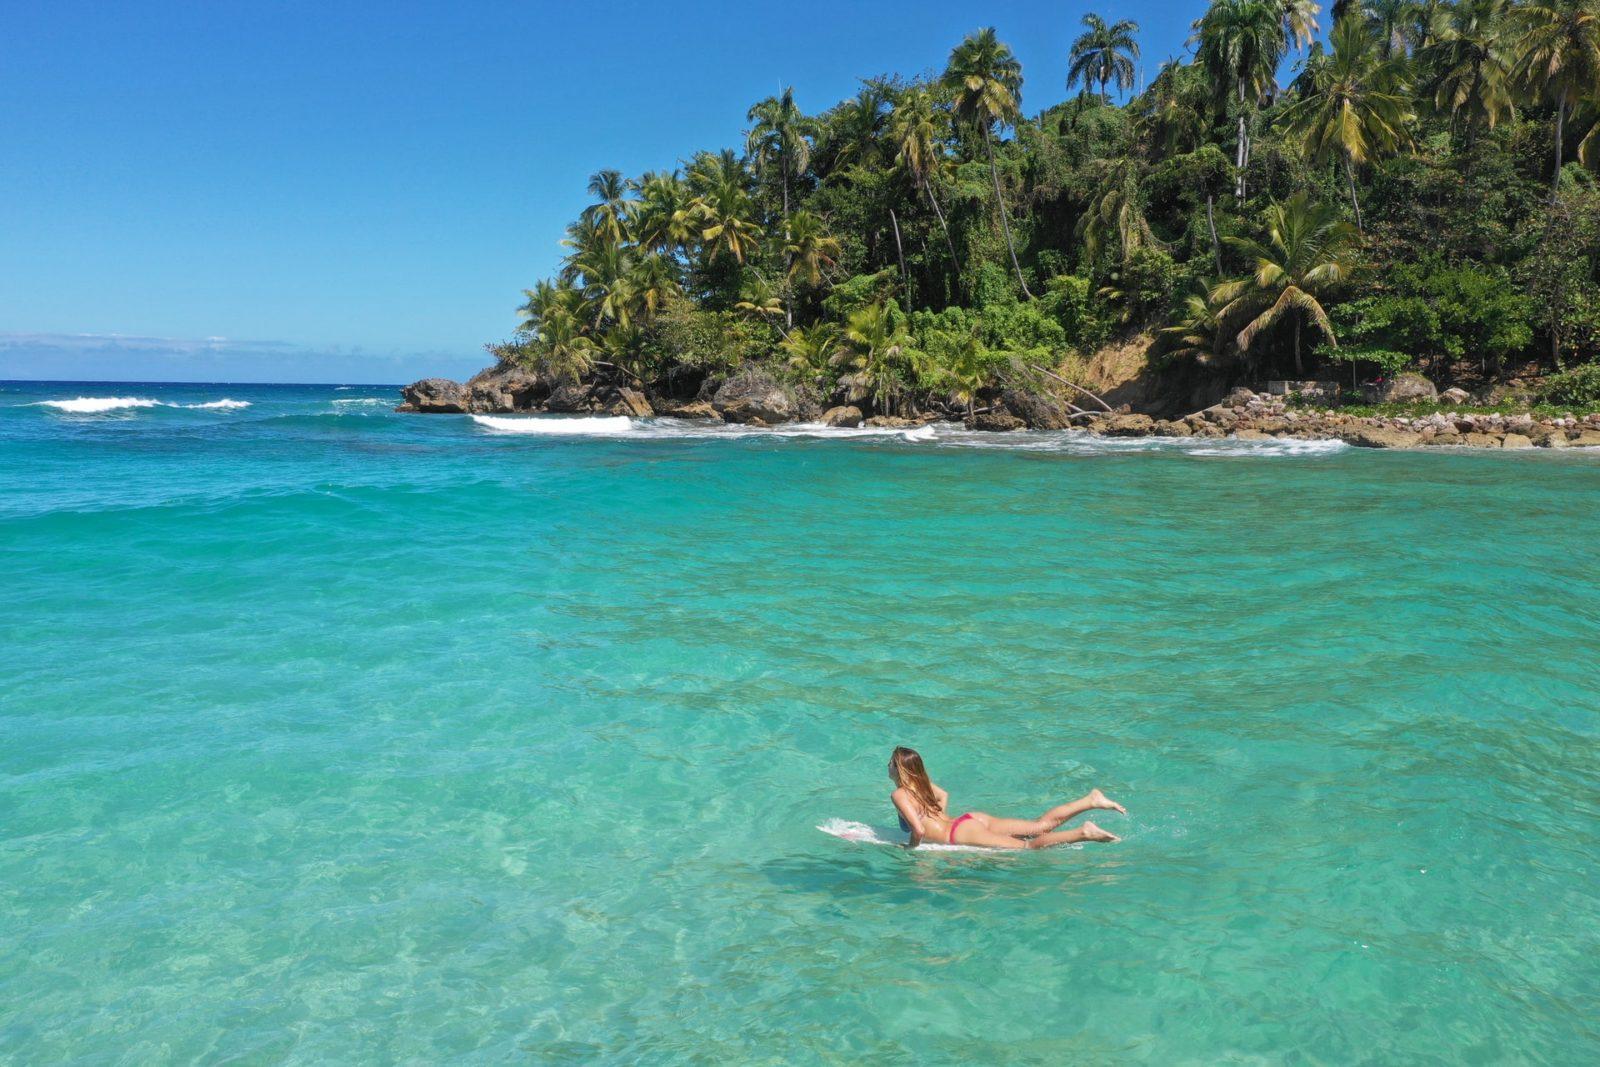 Стоит ли ехать в Доминикану в 2020 году? Нужна ли виза?